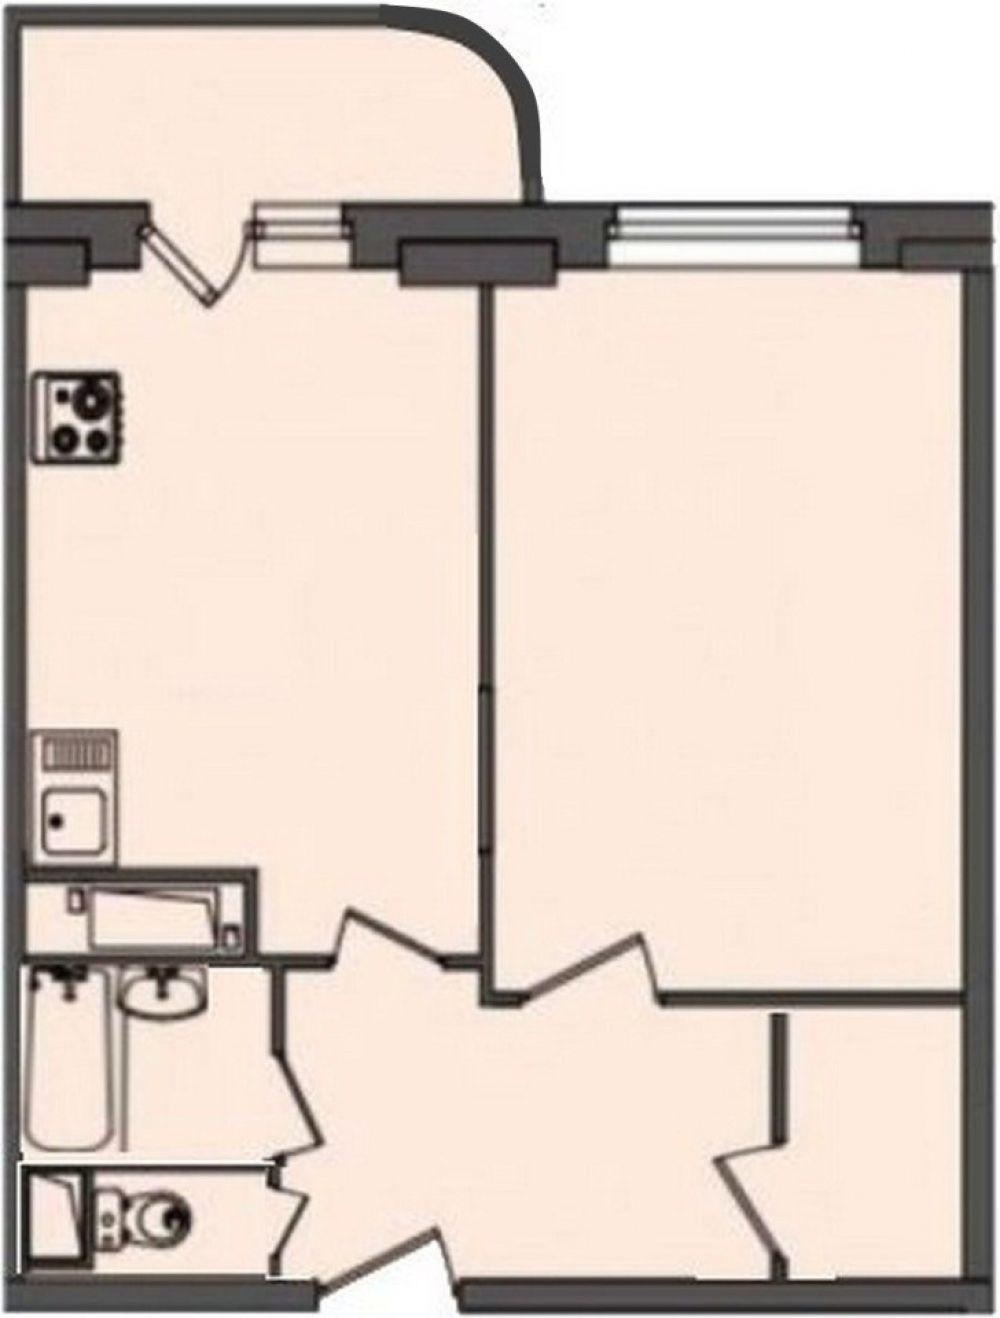 Однокомнатная квартира улучшенной планировки 47.6 м2, г. Щелково, Богородский мкр,10, фото 1